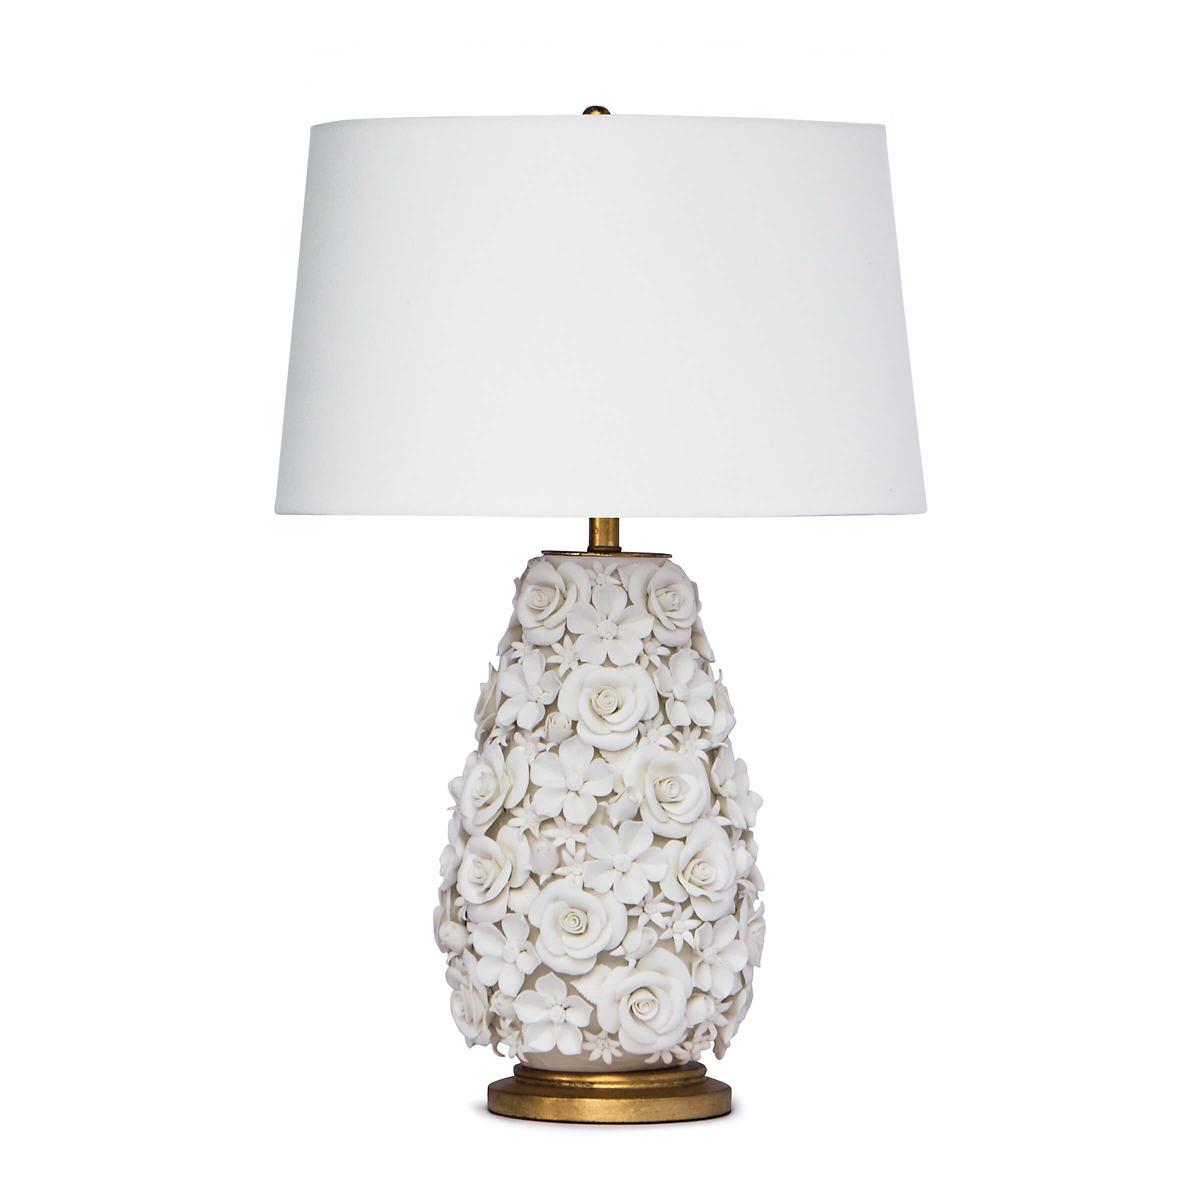 Fondant Floral Lamp